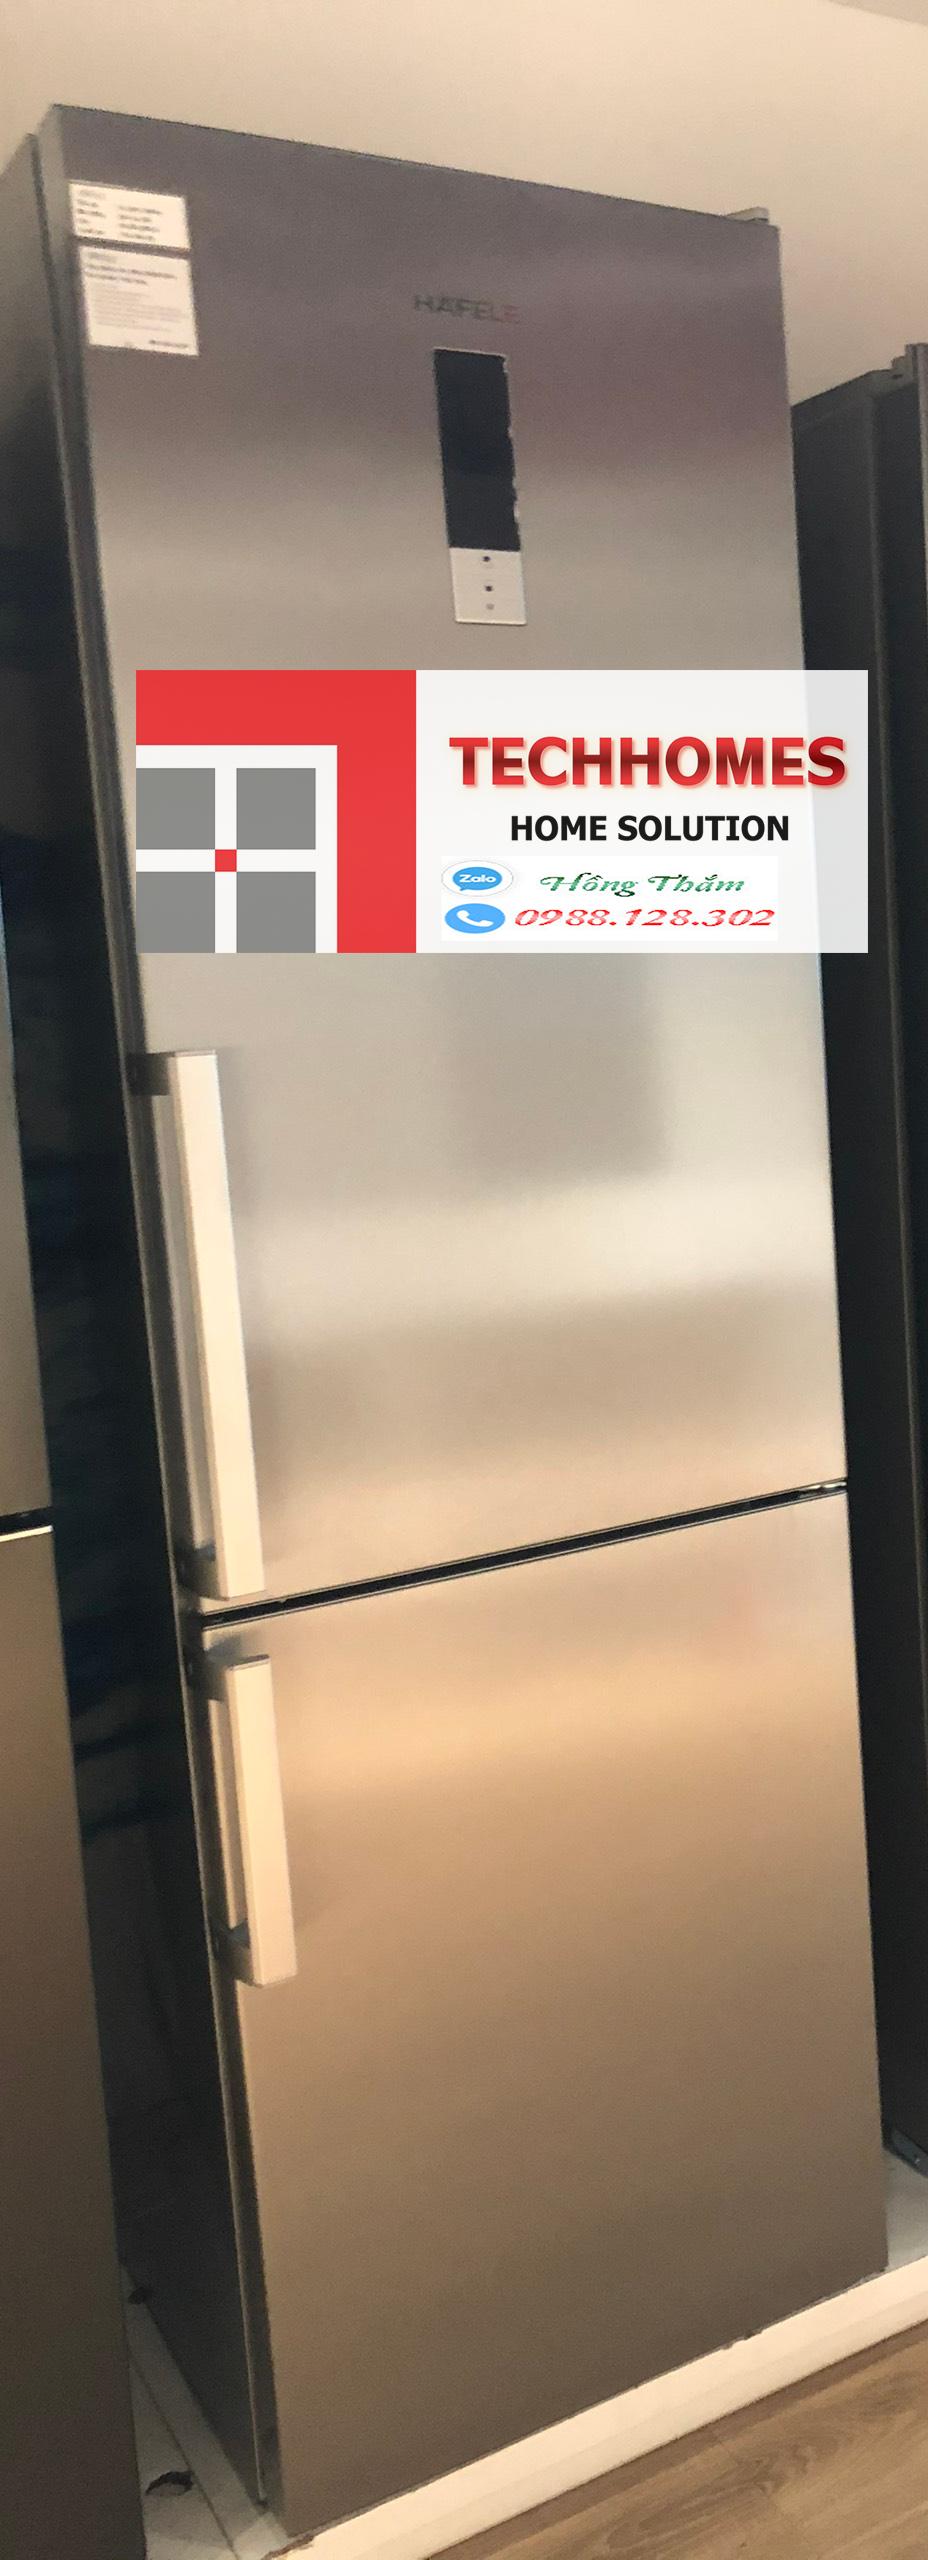 Tủ lạnh Hafele HF-BF324 mã 534.14.230